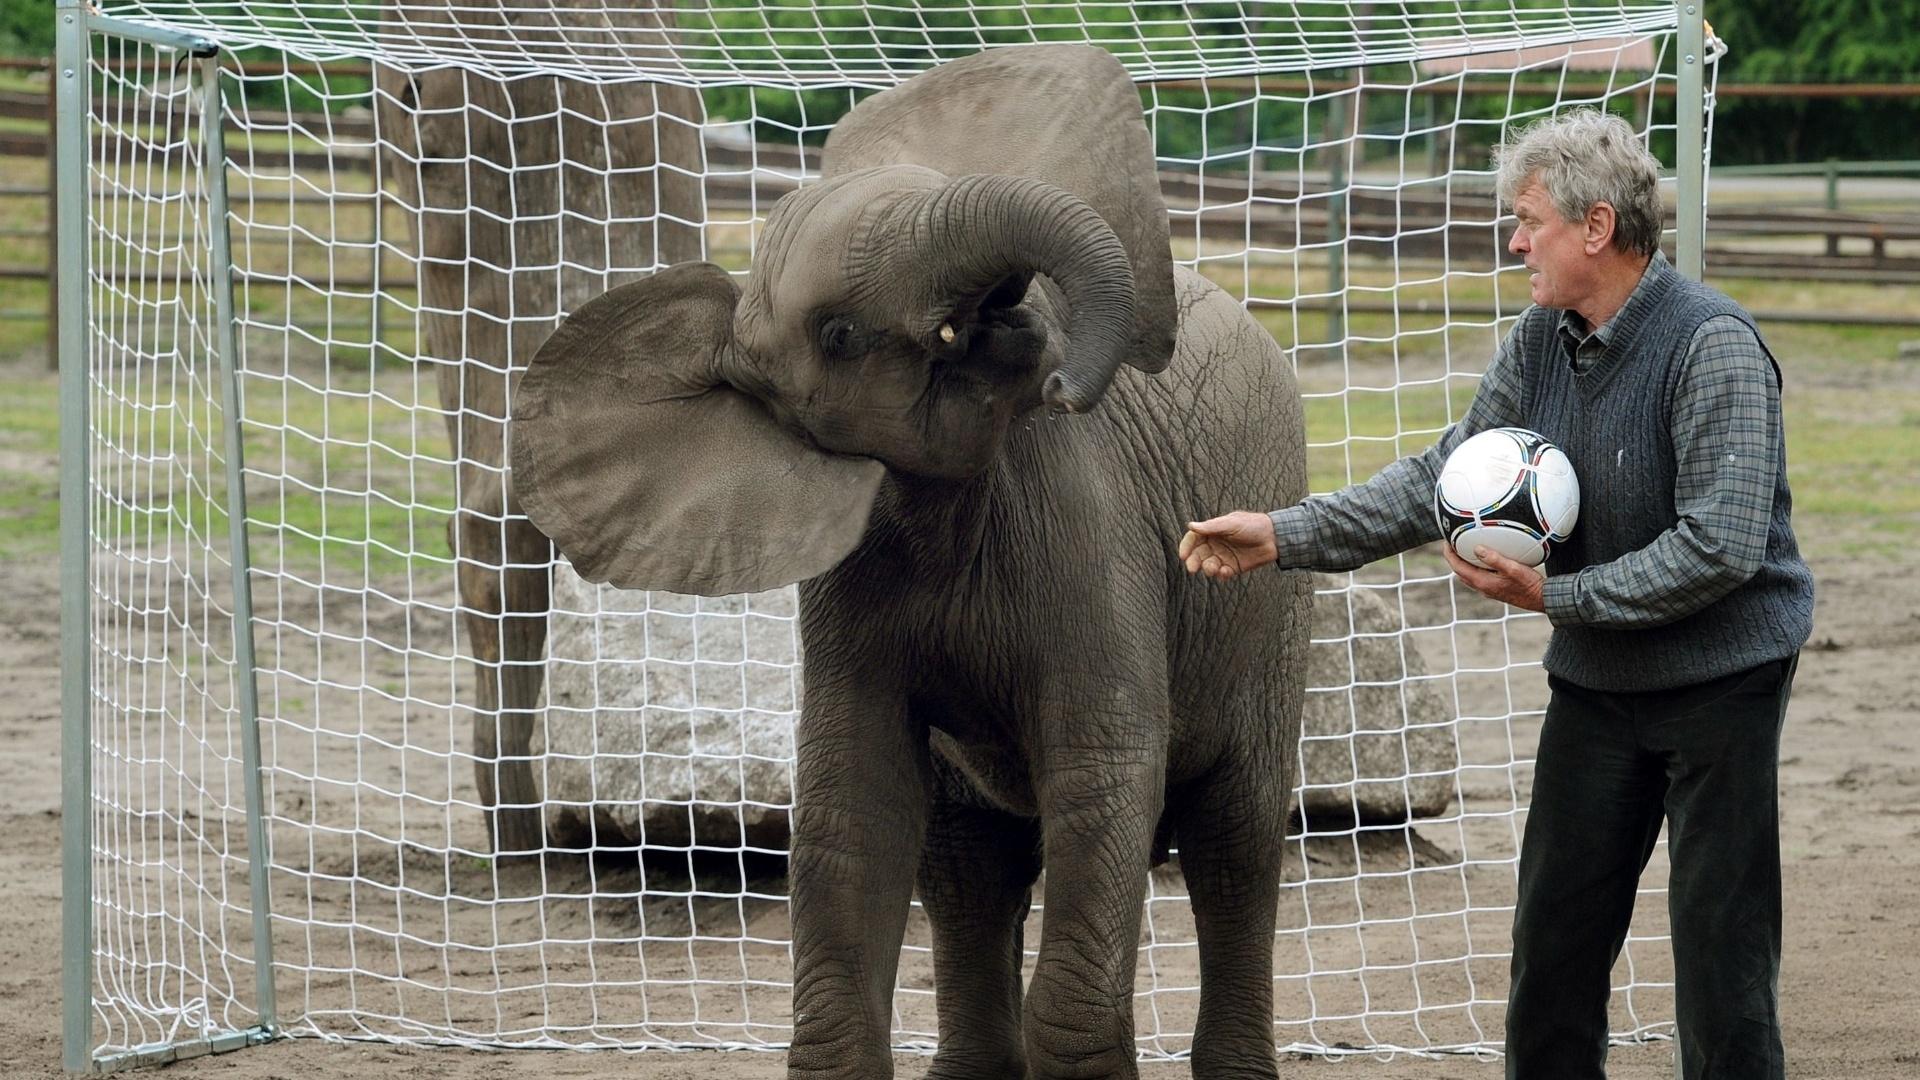 Outra elefanta candidata a vidente na Euro 2012 é Nelly, que reside na Alemanha e também não é nenhuma novata, apesar de bem mais jovem do que Citta. Em 2011, Nelly previu que o Japão venceria os Estados Unidos na final da Copa do Mundo feminina.